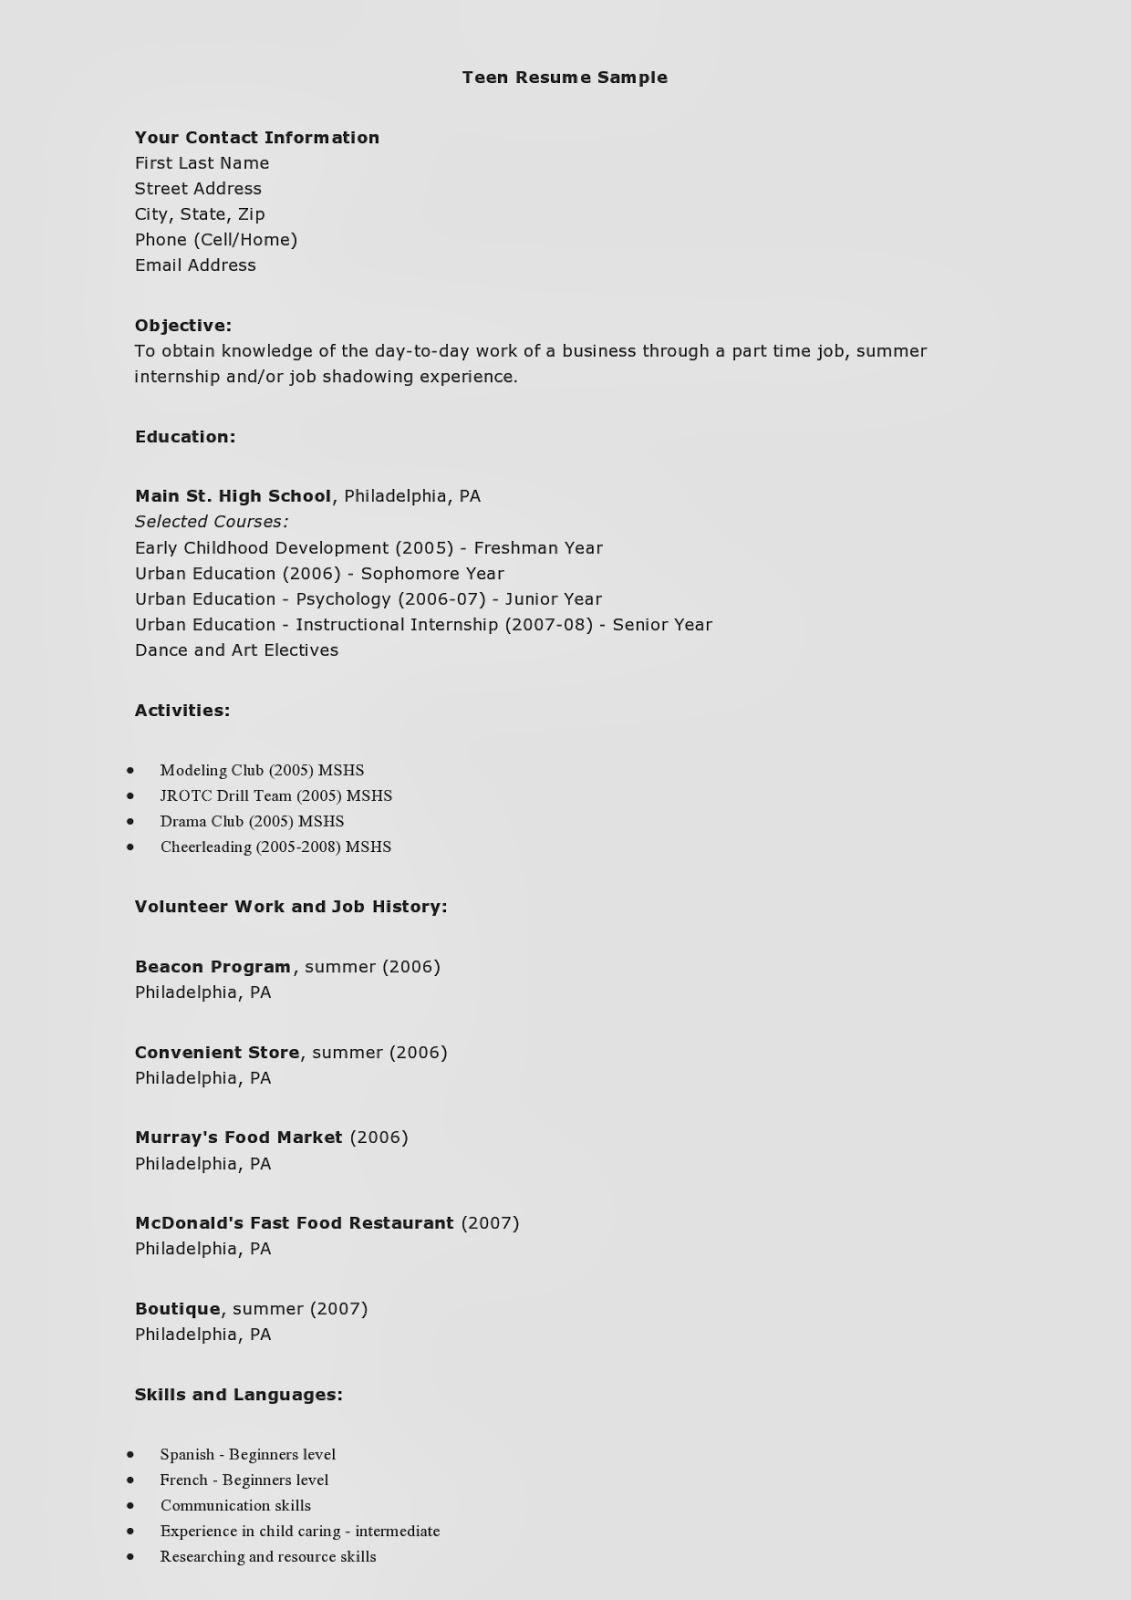 Teen Resume Example Employee Resume Resume Teenager Resume For - Teenage-resume-builder